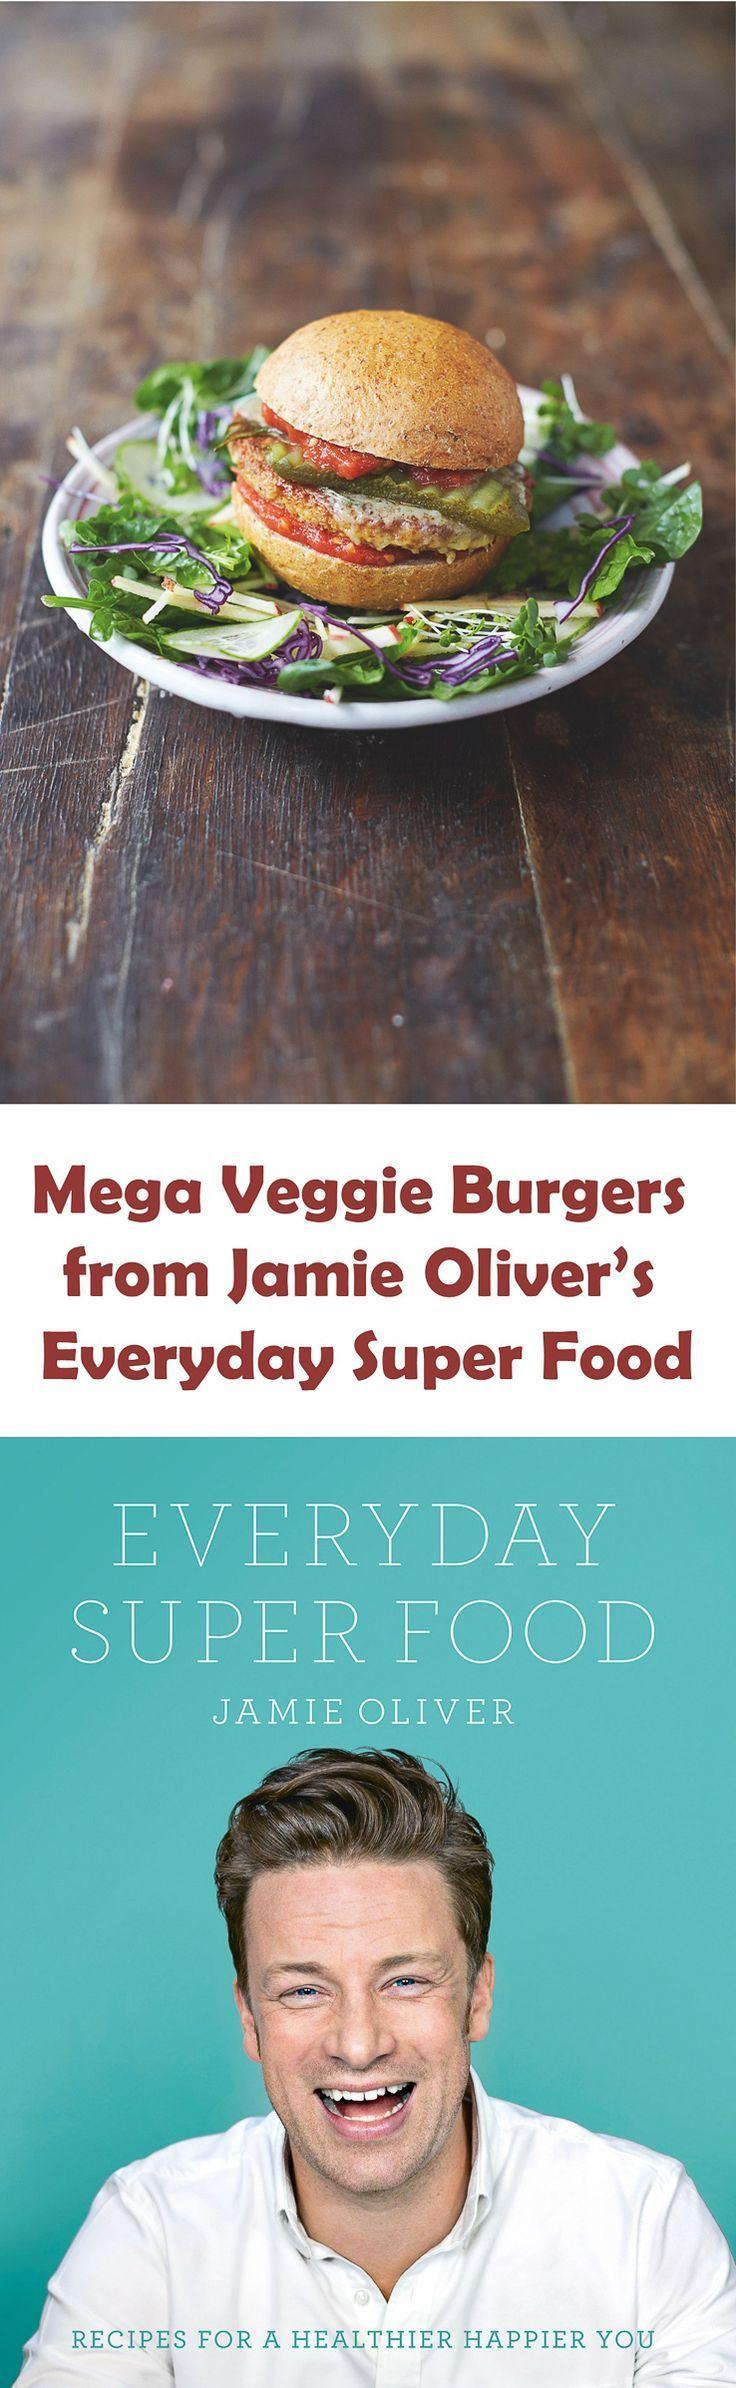 superfood gem seburger and jamie oliver on pinterest. Black Bedroom Furniture Sets. Home Design Ideas